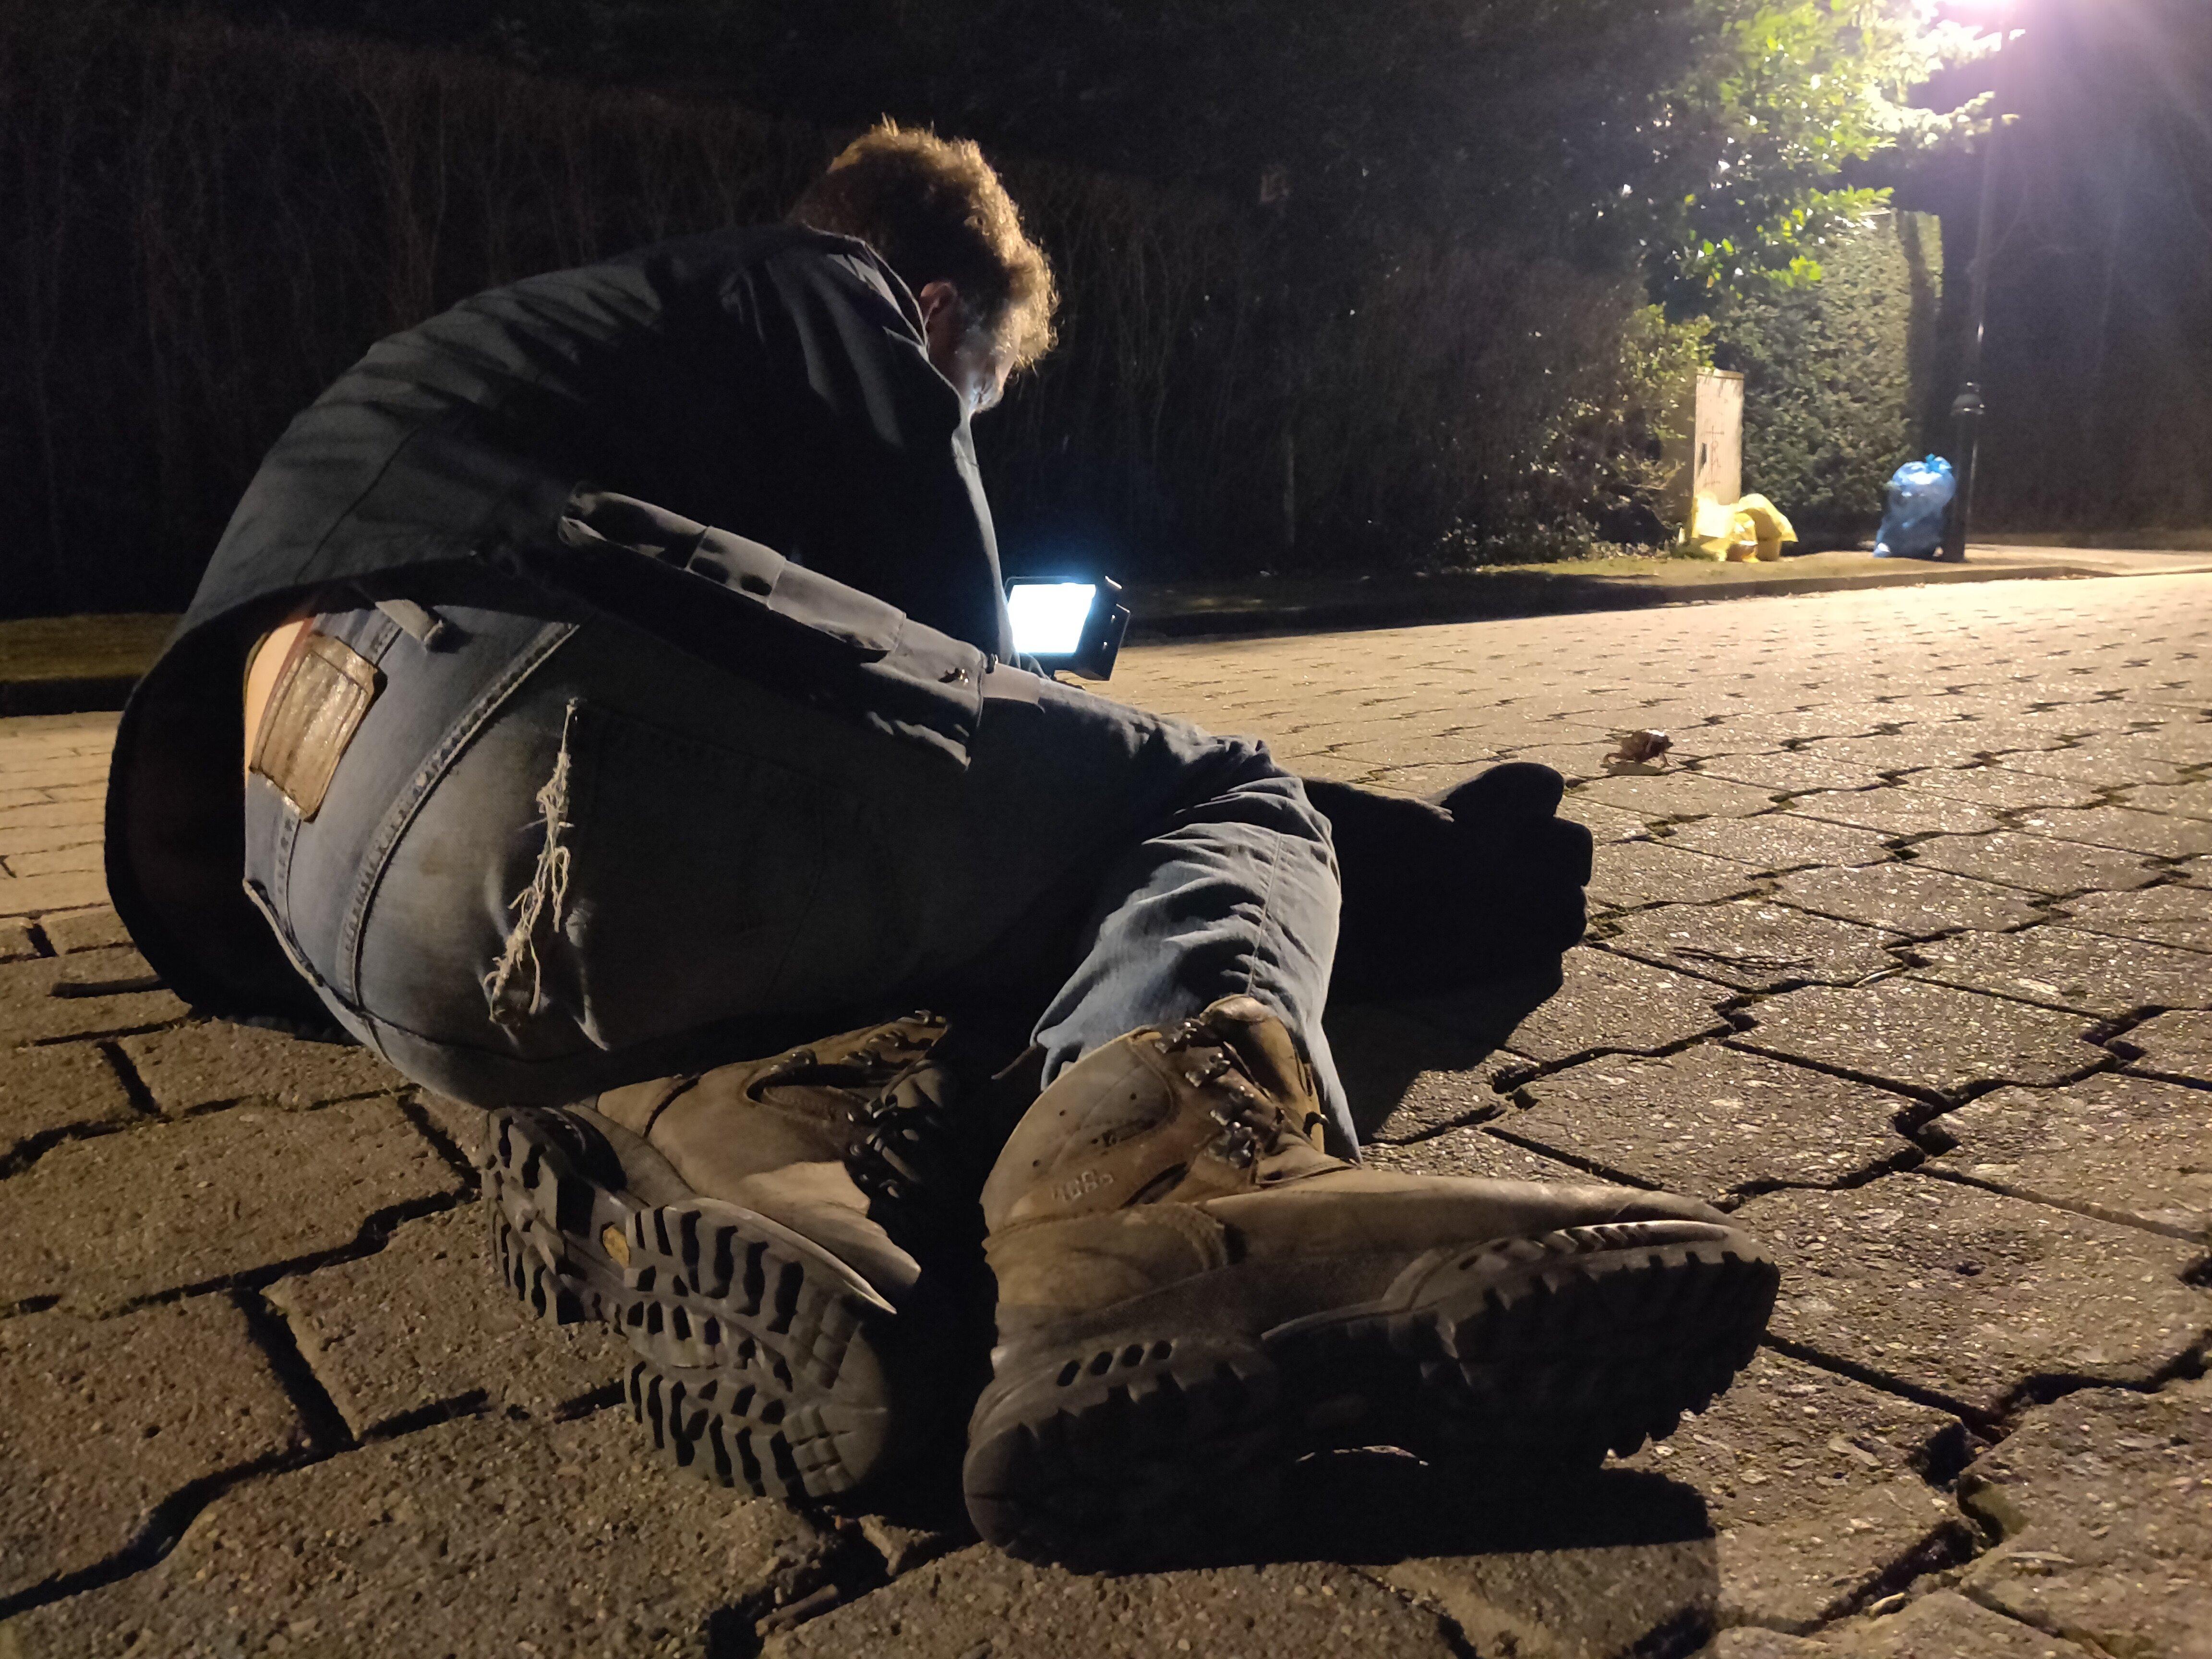 Pim ligt op het wegdek om padden te filmen